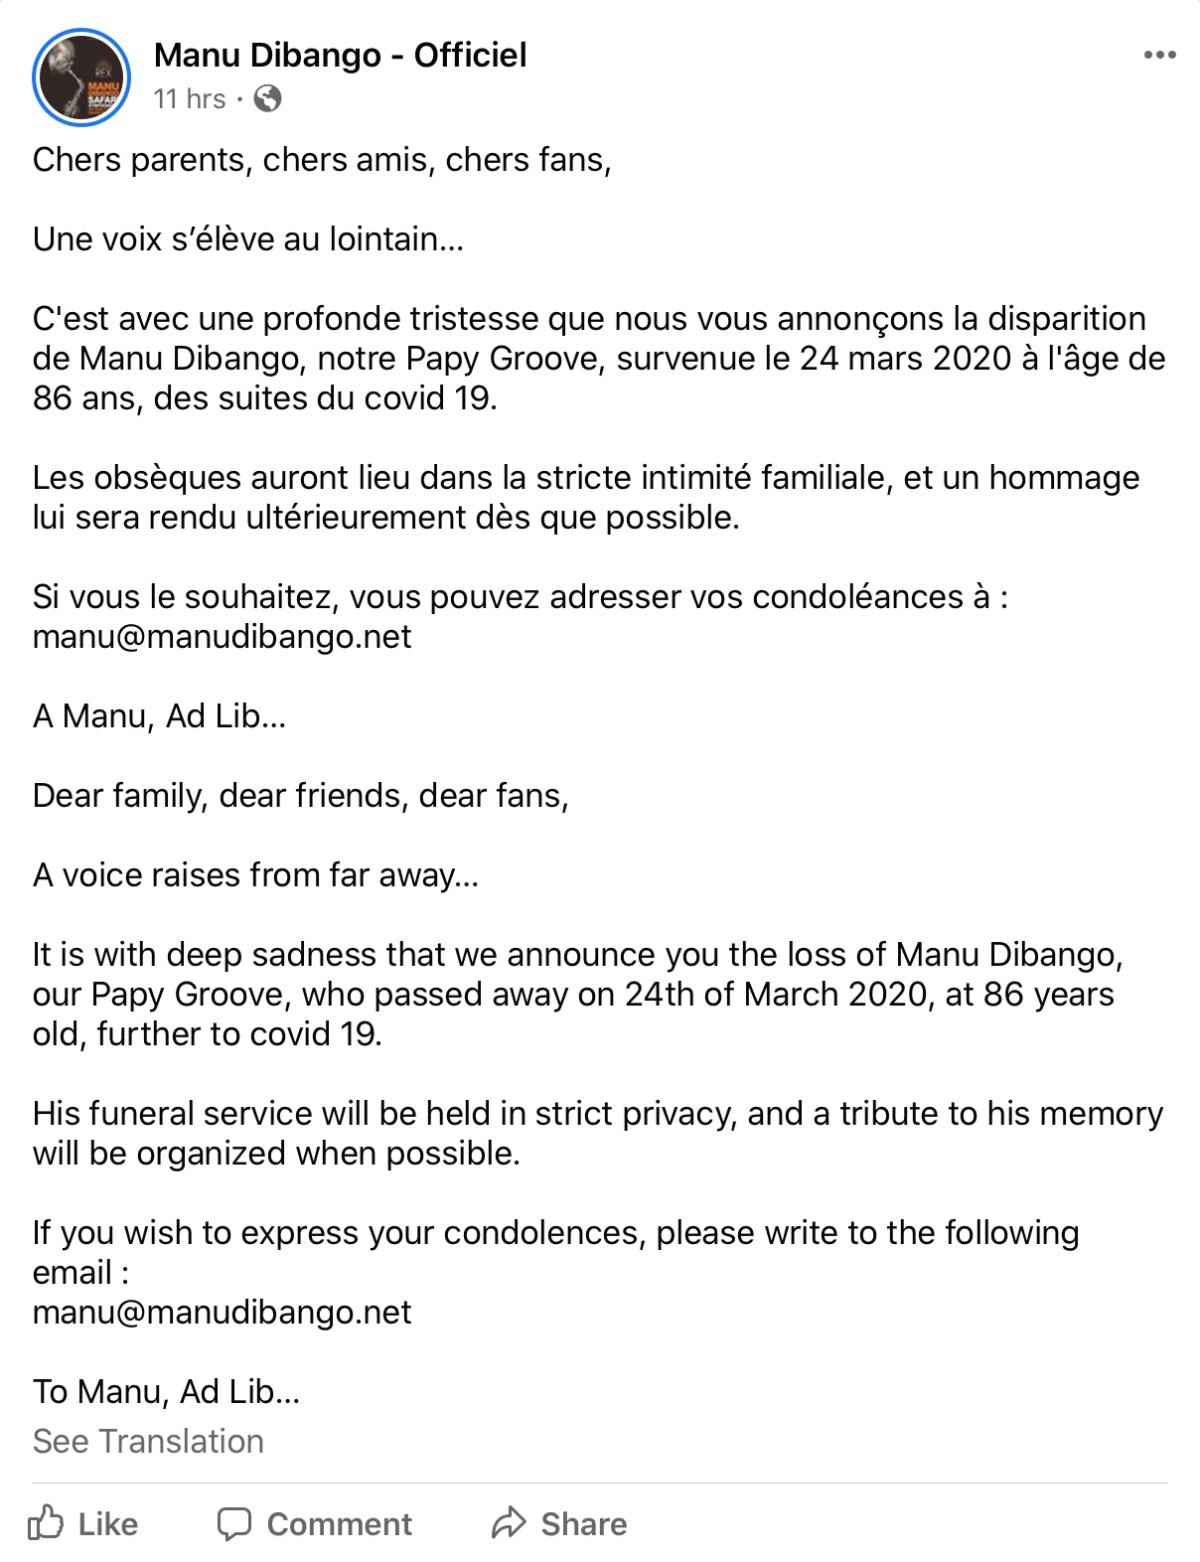 manu-dibango-comunicado-muerte